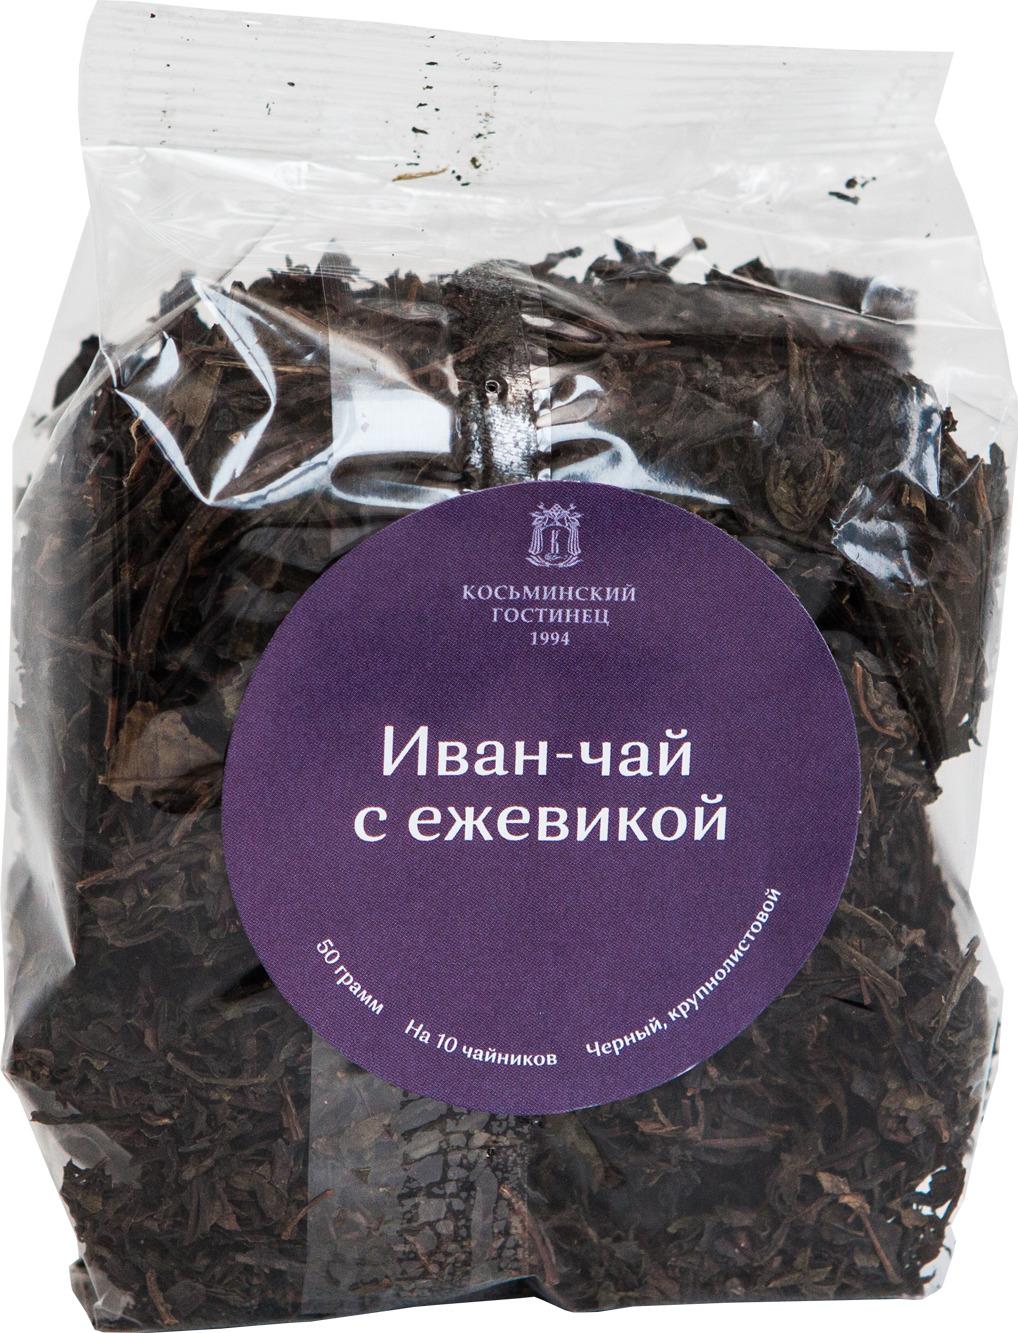 Иван-чай крупнолистовой Косьминский гостинец, с ежевикой, 50 г иван чай крупнолистовой косьминский гостинец с мелиссой 50 г